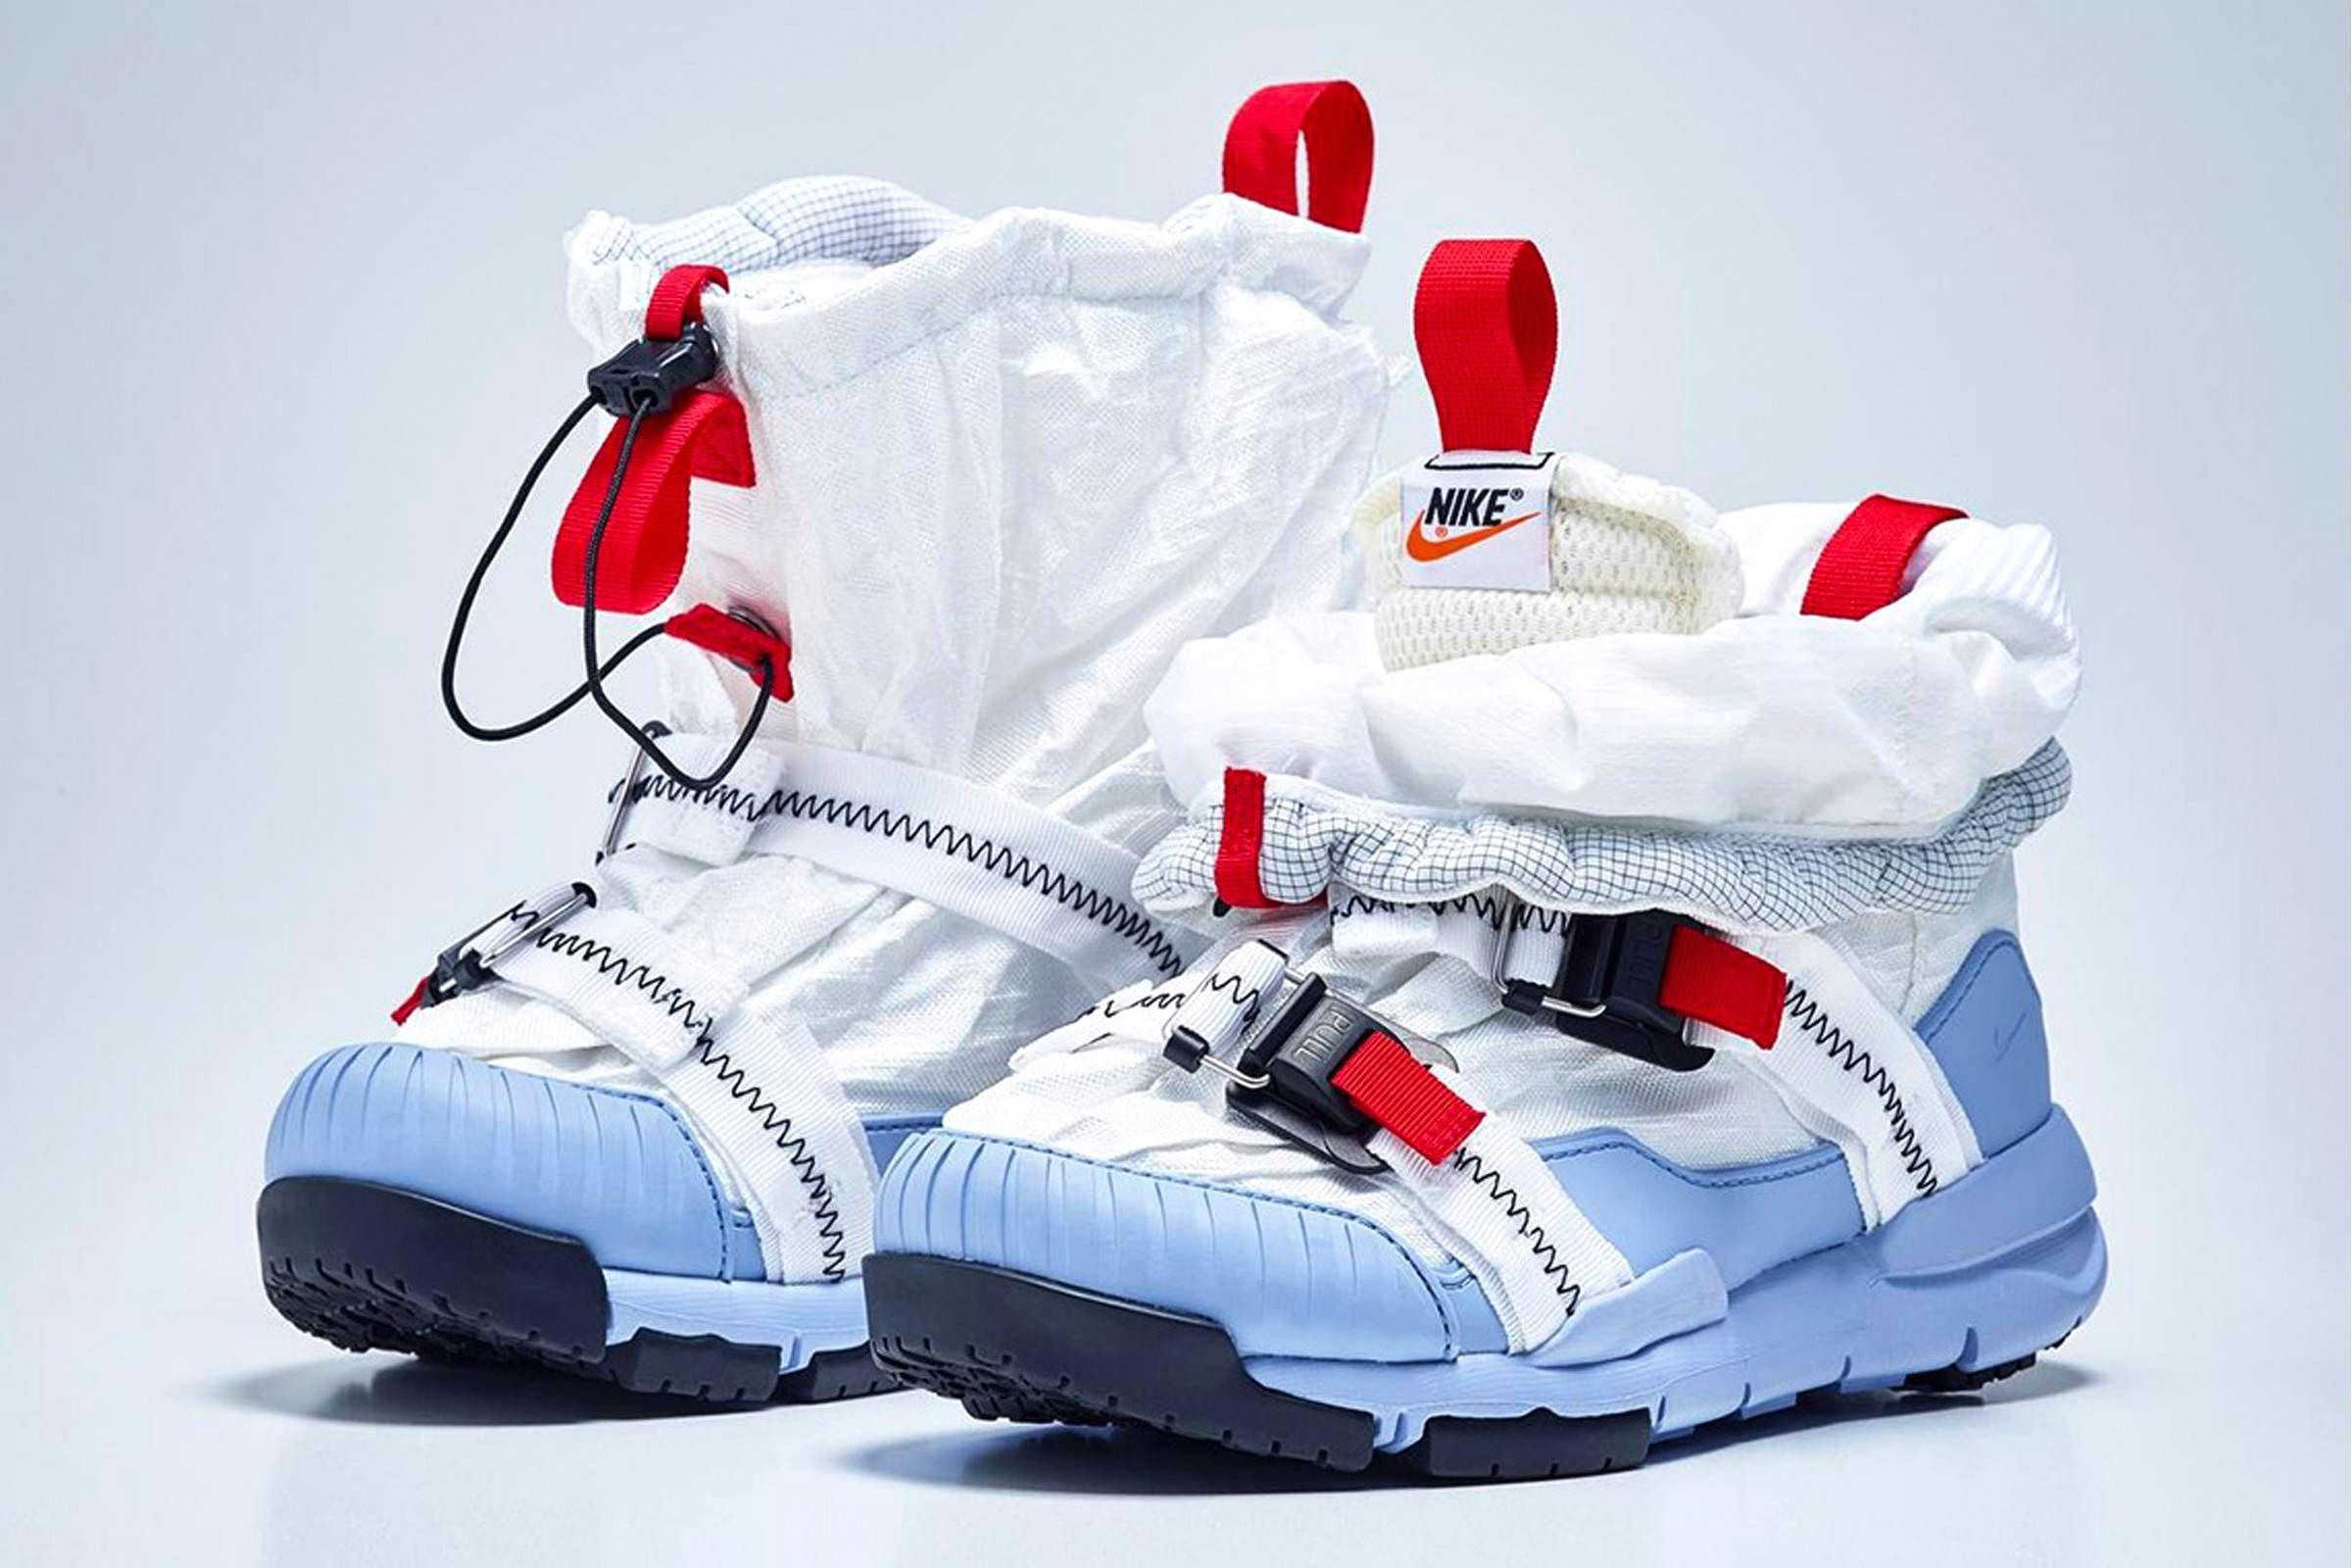 nike astronaut shoes - HD1140×800